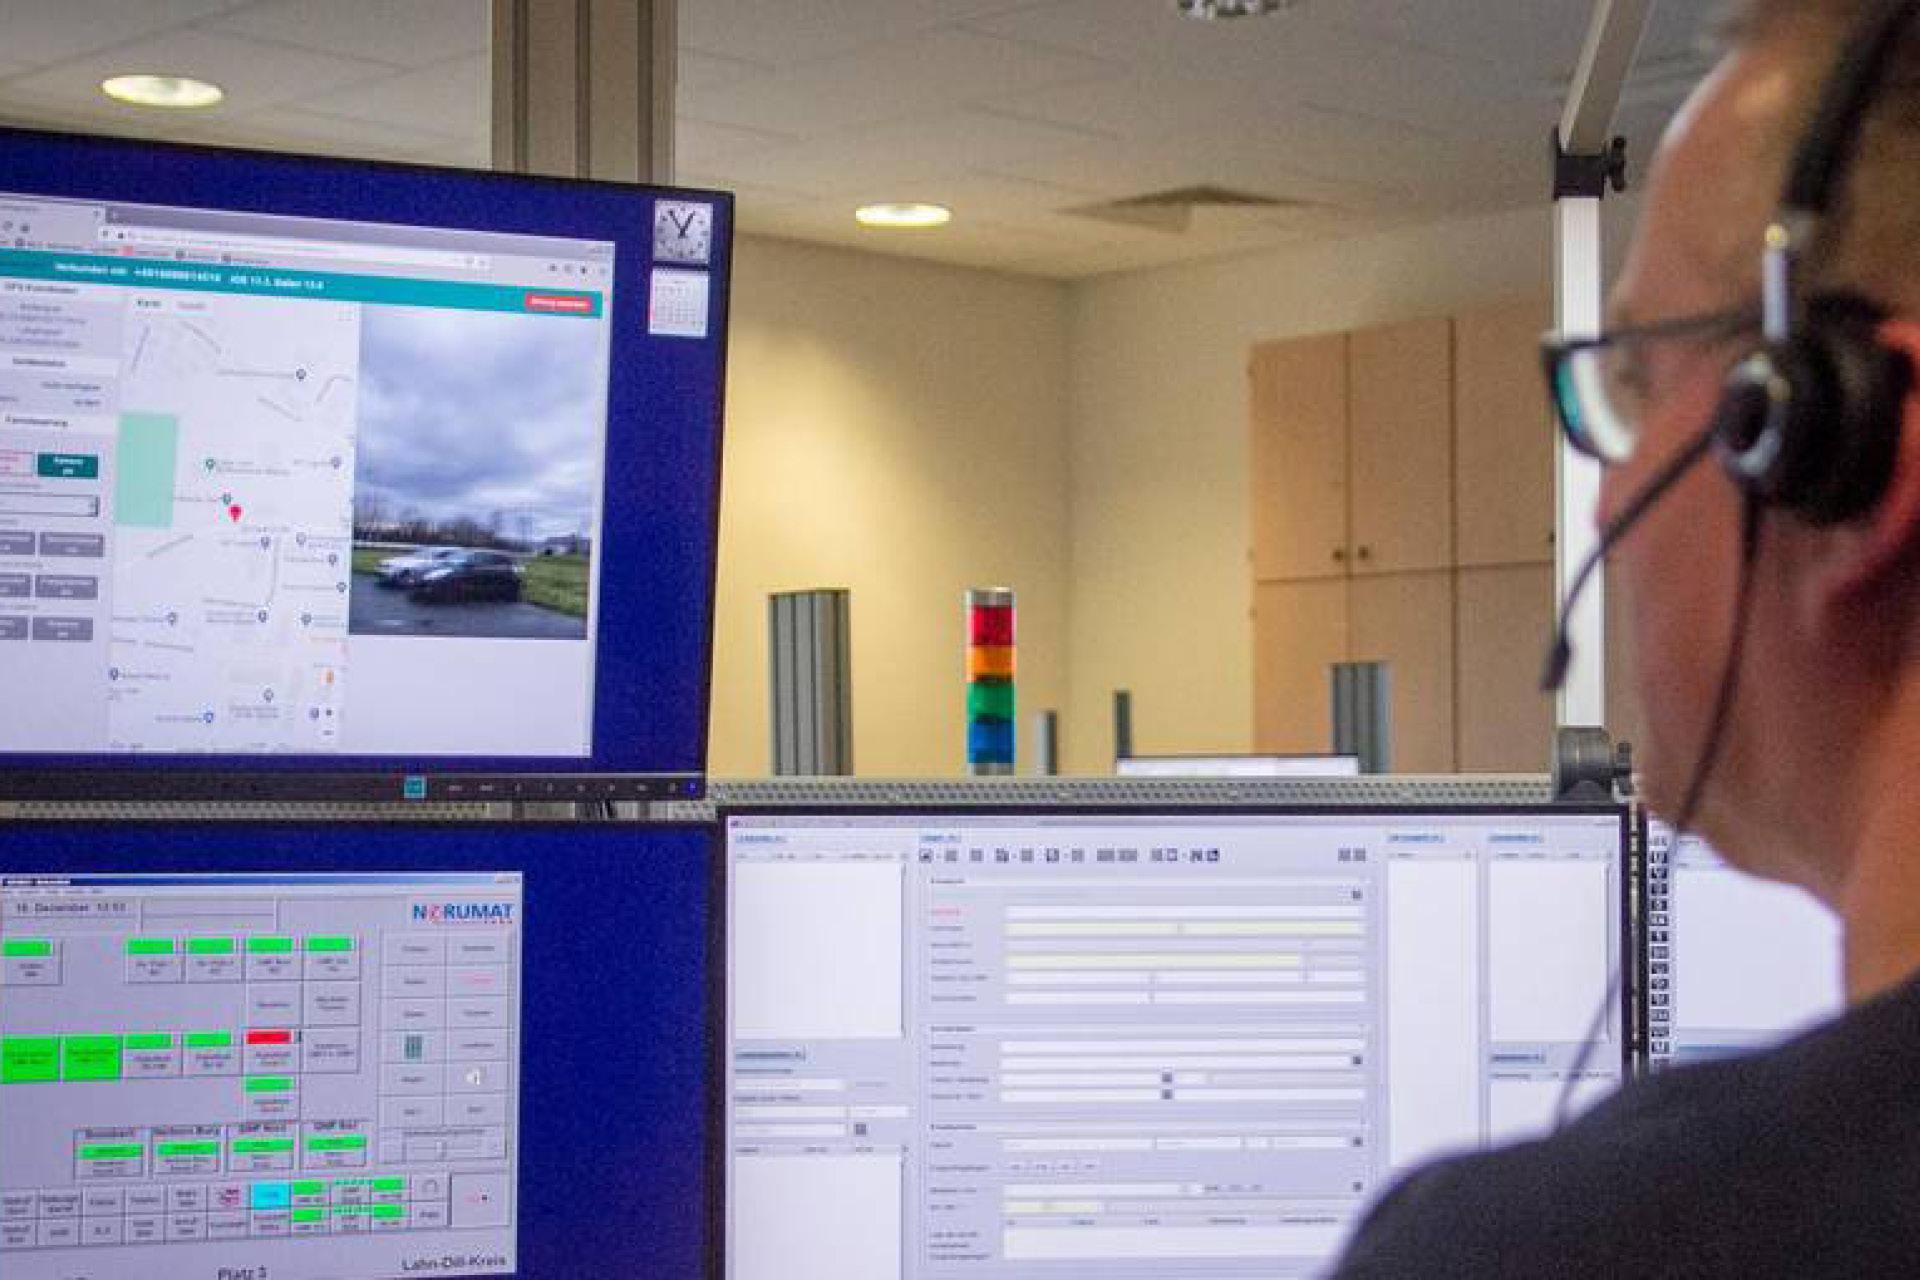 Disponent Jens Schmitt kann in der zentralen Rettungsleitstelle in Wetzlar in einem Notfall - nach Zustimmung - auf das Handy eines Anrufers zugreifen und unter anderem dessen Standort ermitteln sowie auf die Kamera zugreifen. Foto: Malte Glotz